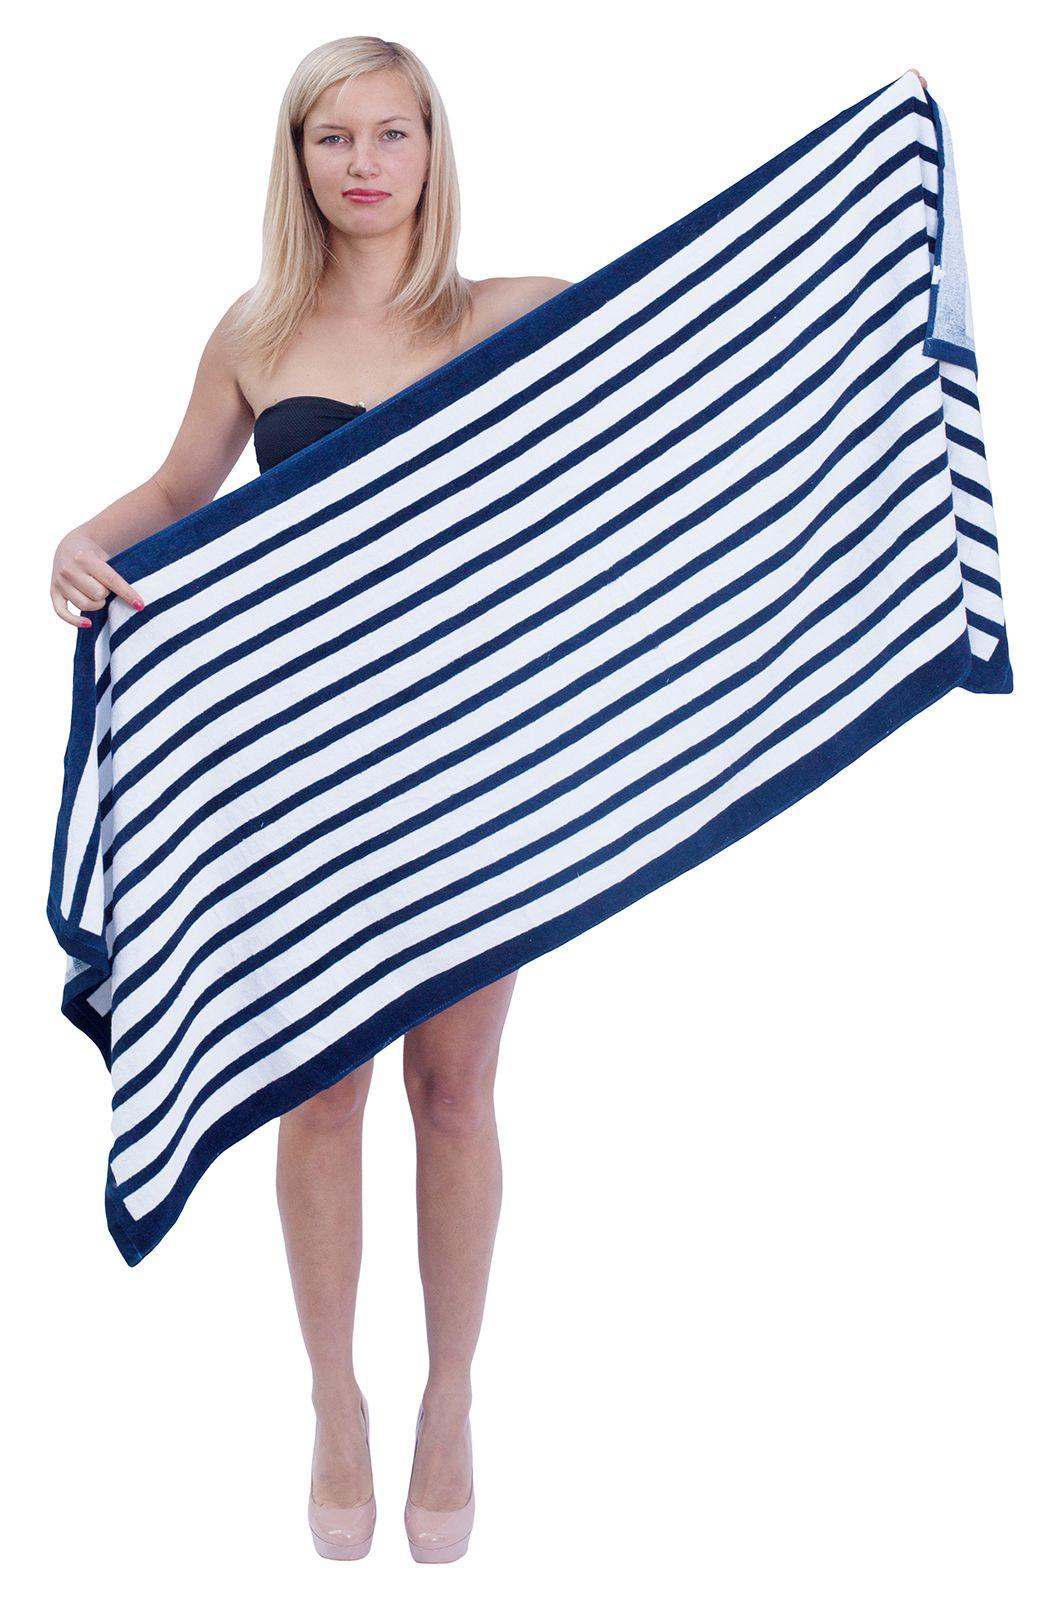 Полотенце в полоску - купить по низкой цене